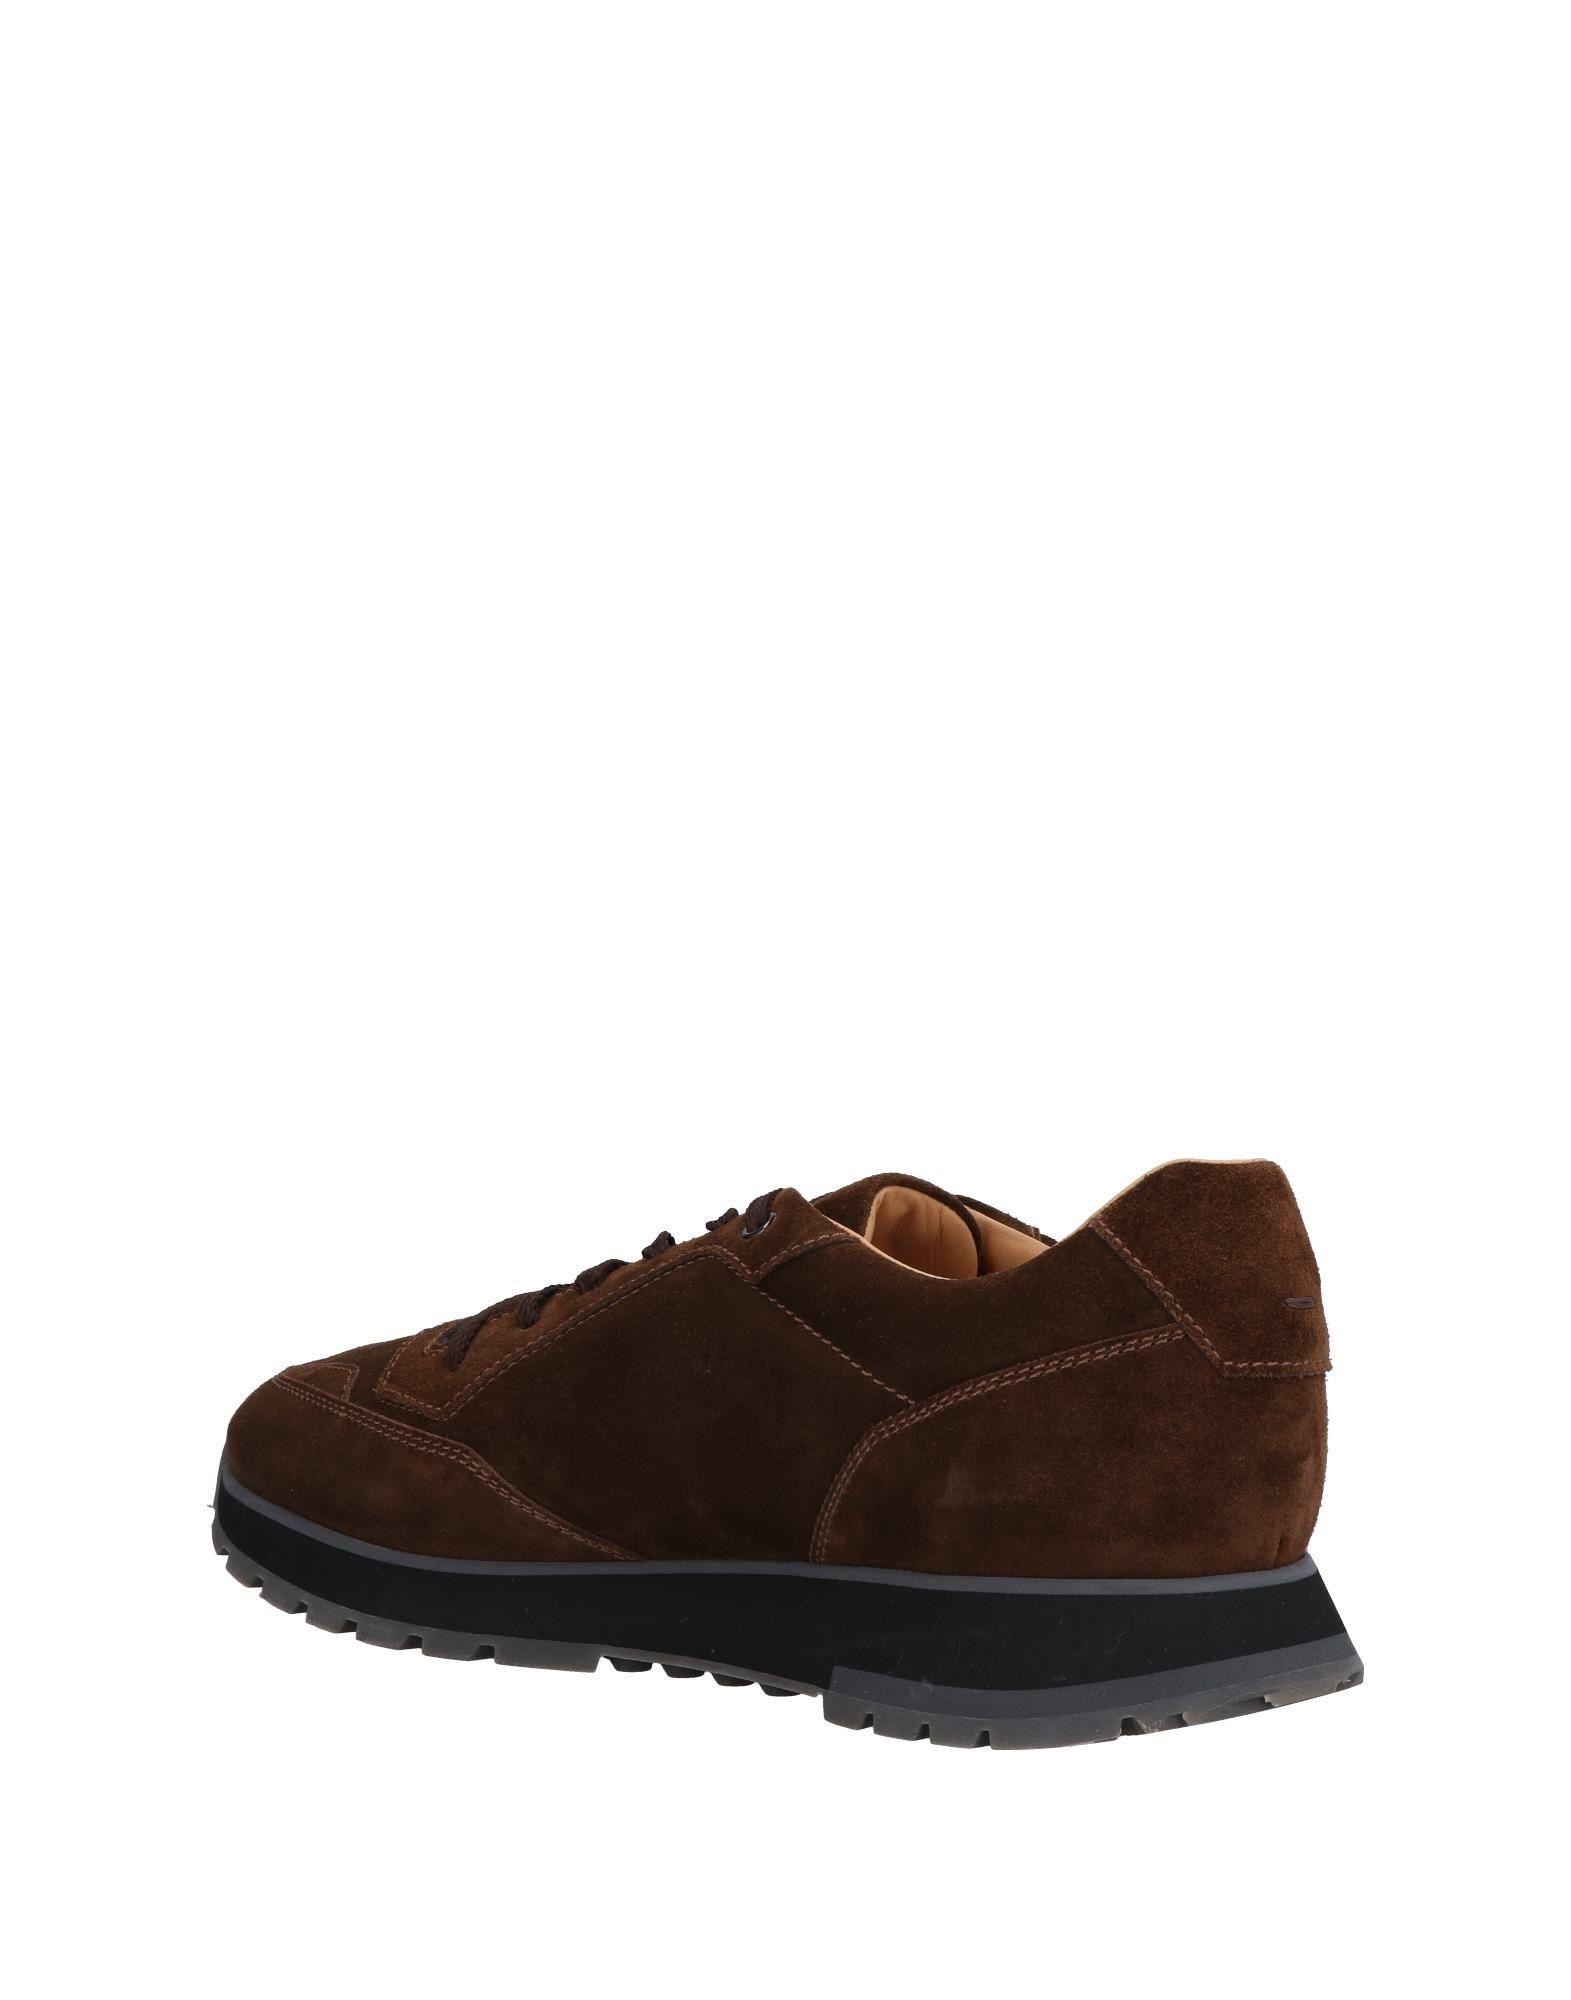 Santoni Sneakers Herren  11478587UI Gute Qualität beliebte Schuhe